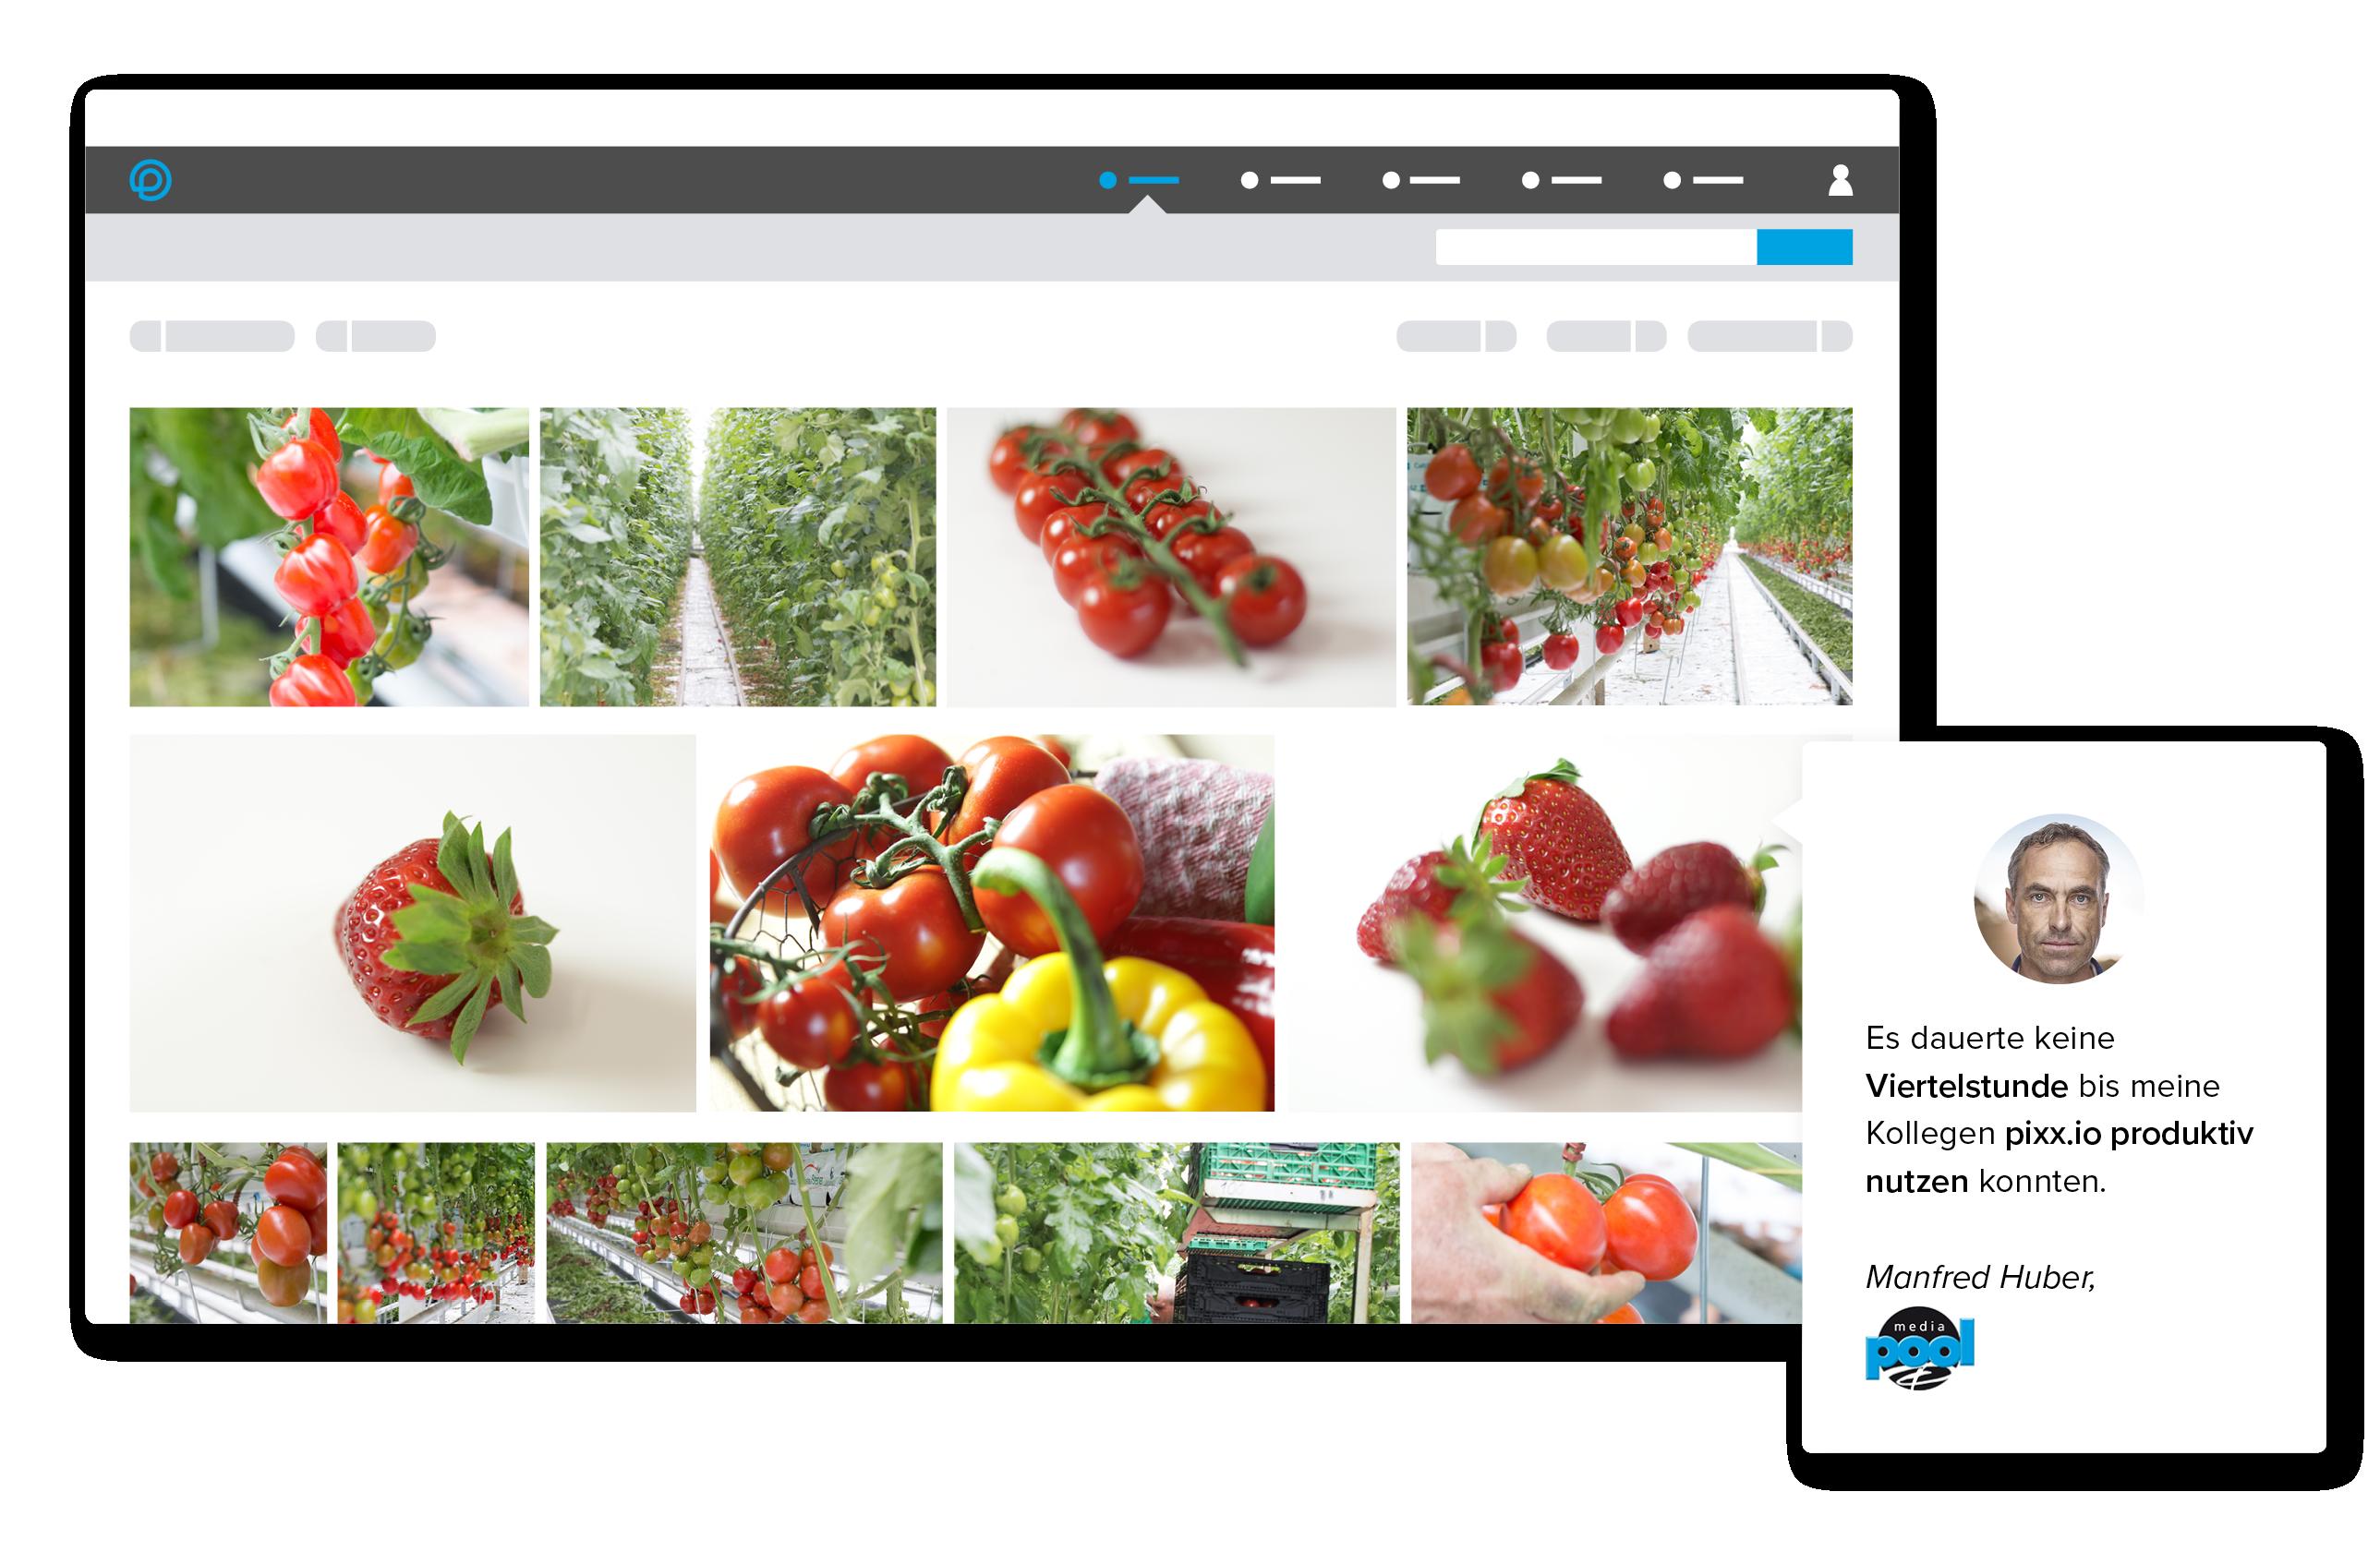 User-Experience-einfach-pixxio-bildverwaltung-